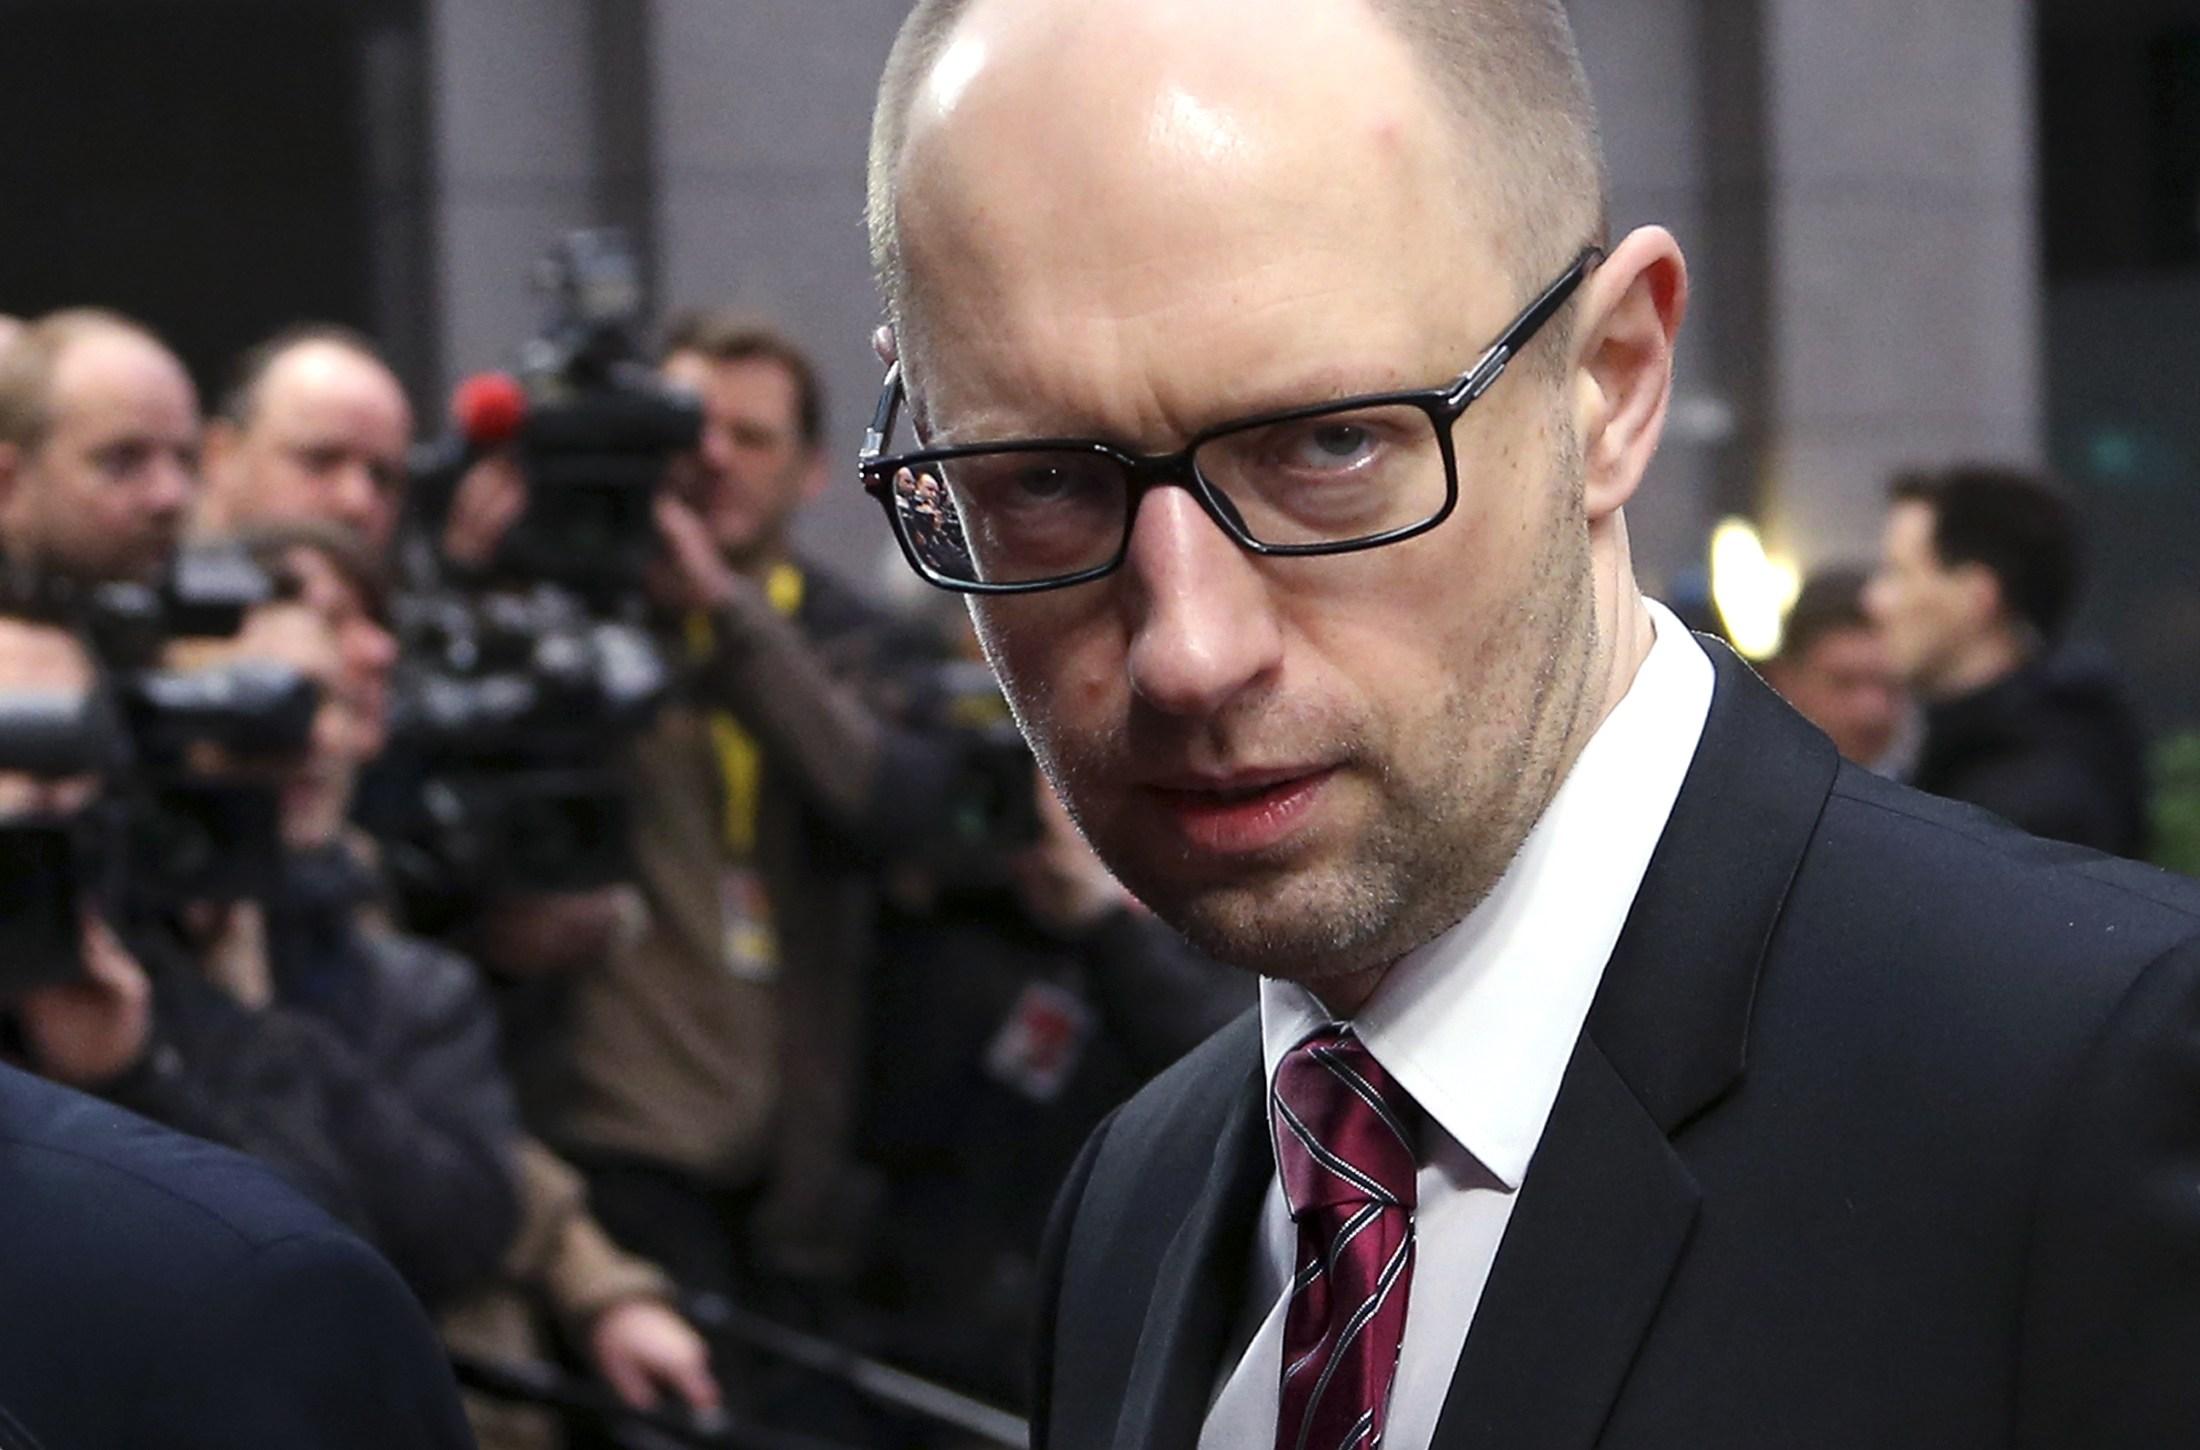 Підписання коаліції: прем'єром лишили Яценюка